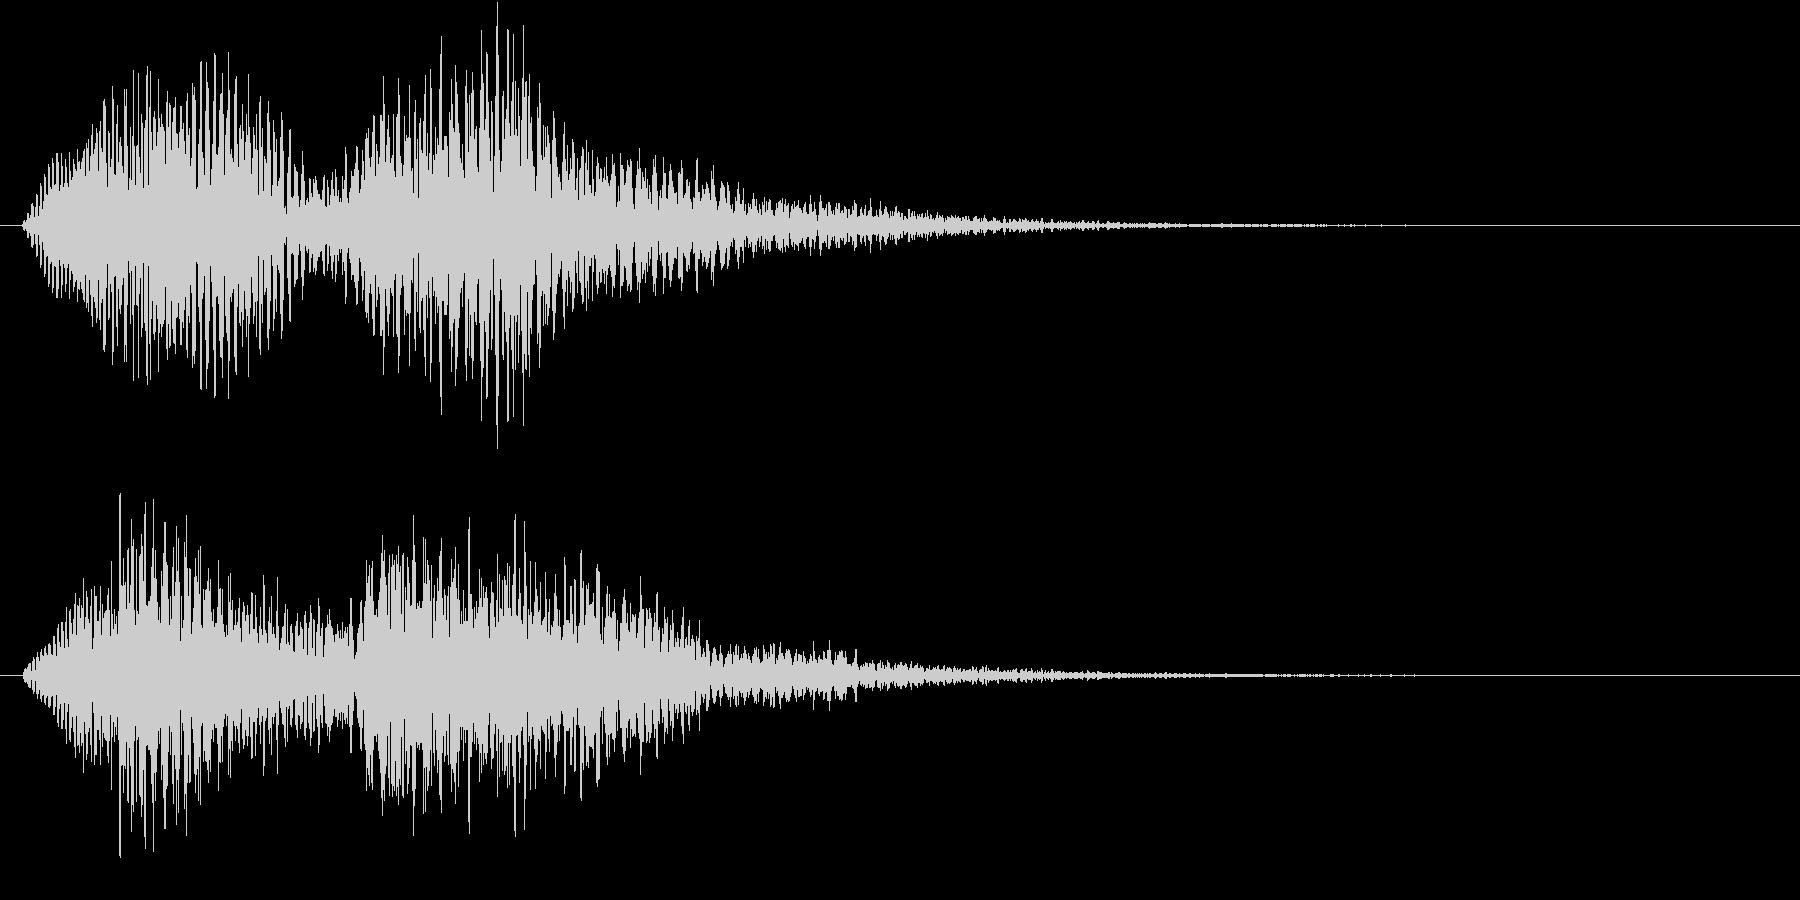 フワーン、フワー(サウンドロゴ、ゲーム)の未再生の波形